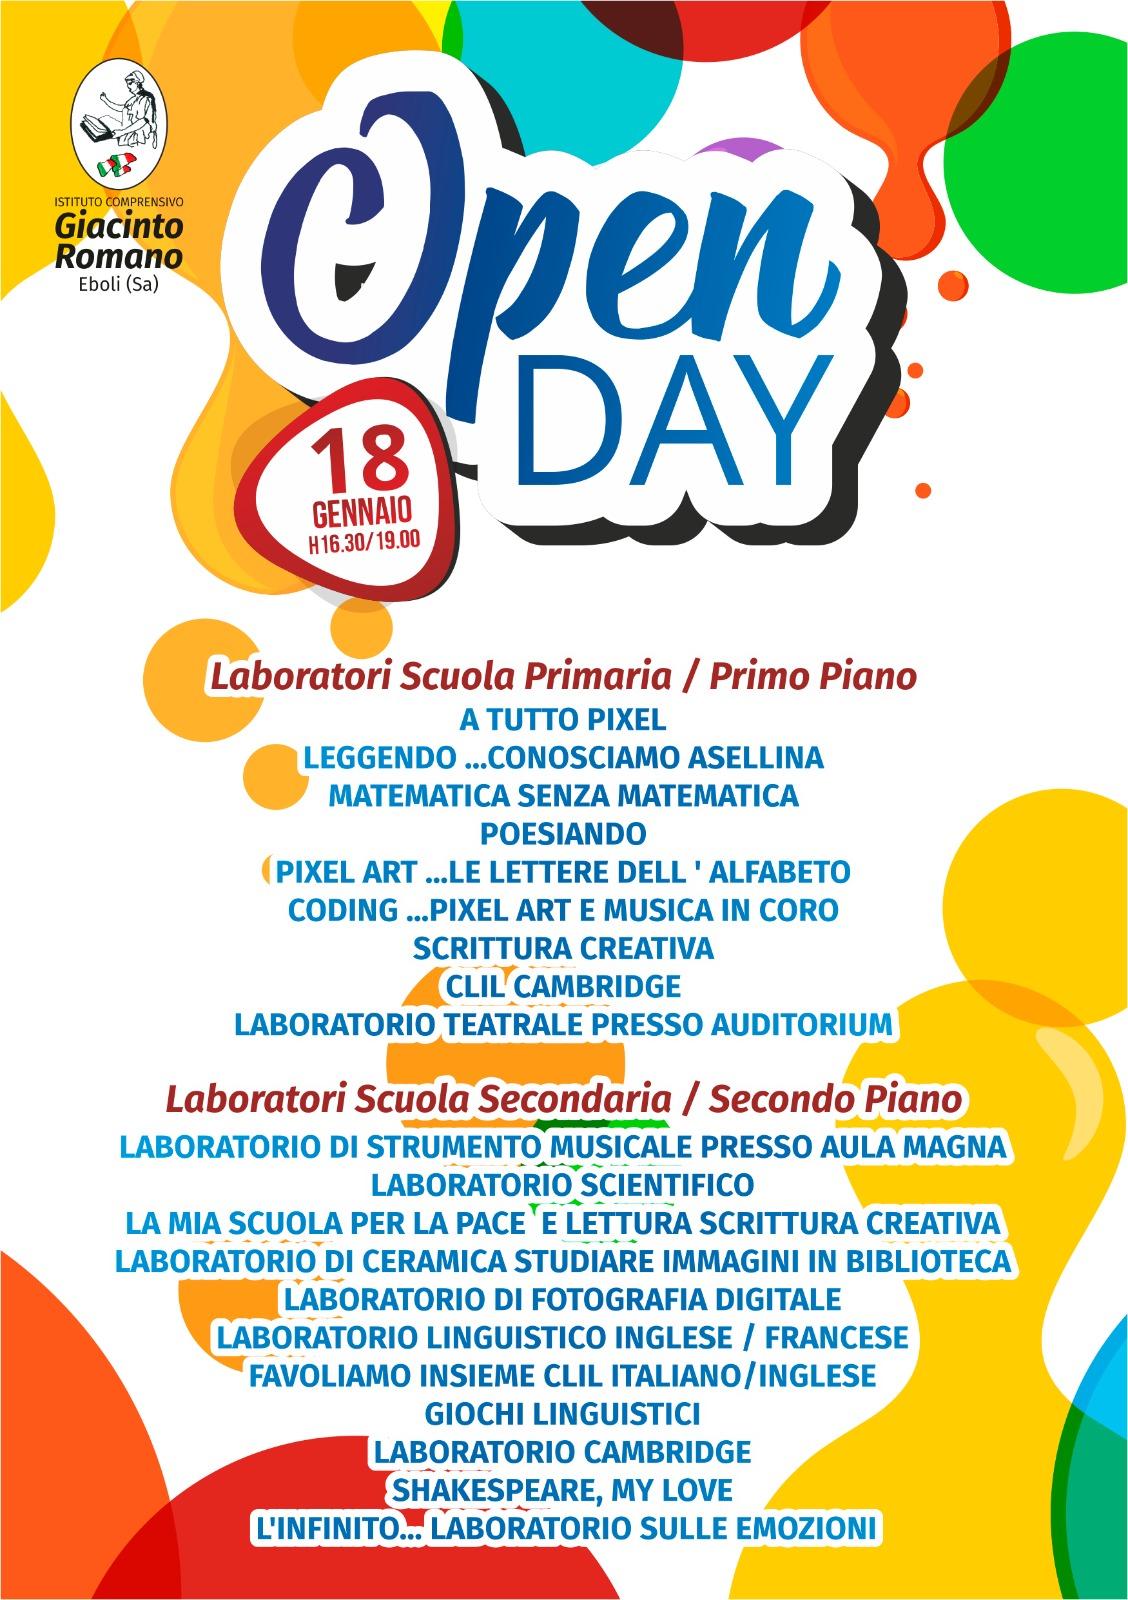 Open Day Giacinto Romano